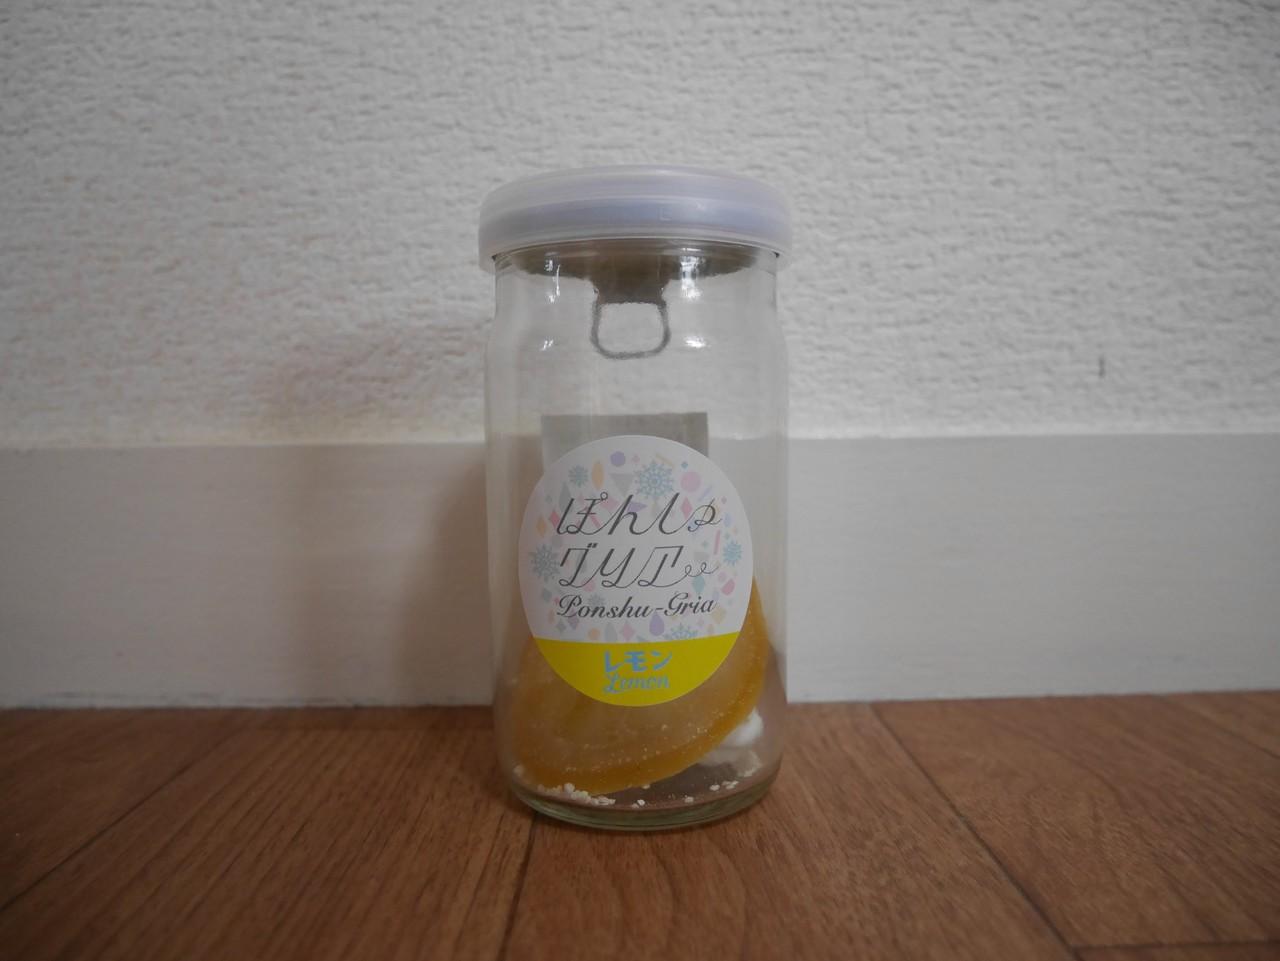 ぽんしゅグリア レモン